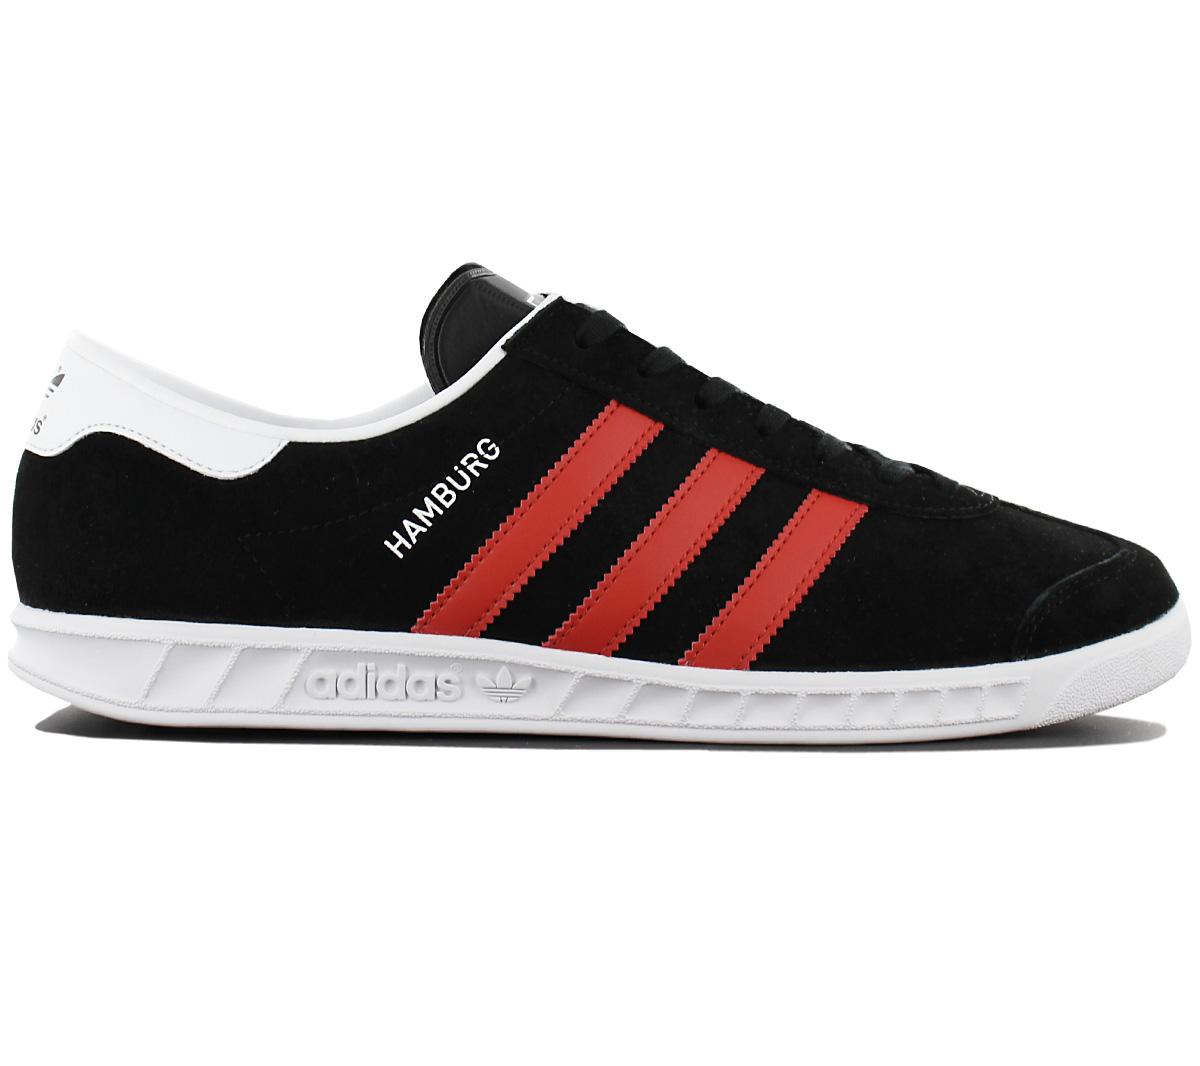 adidas Originals Hamburg Herren Turnschuhe Sneaker Schuhe Leder Retro Turnschuhe Herren Freizeit cae49f